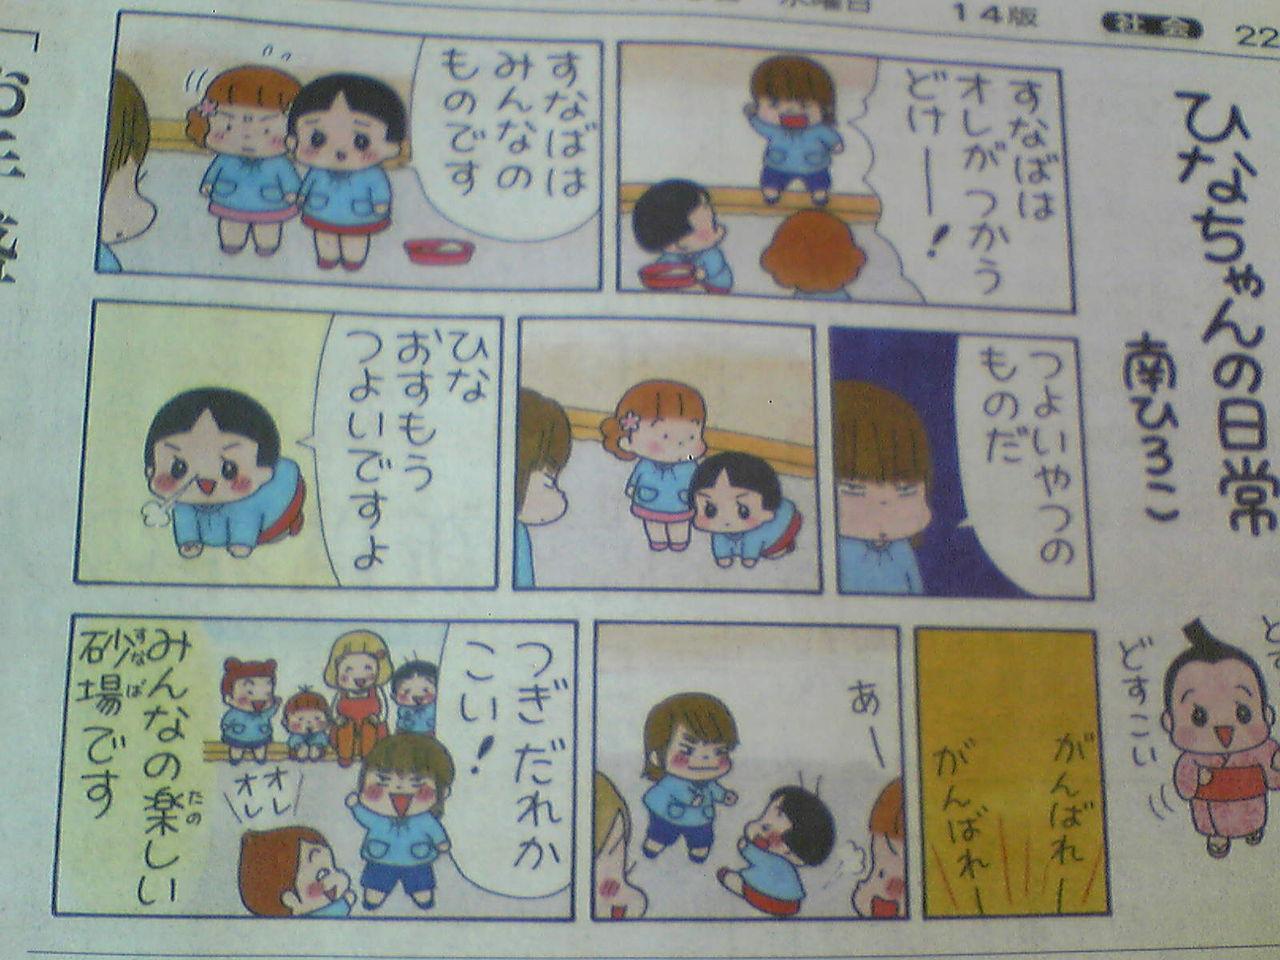 ひなちゃんの日常というアニメ ... : 中学1年 模試 : 中学